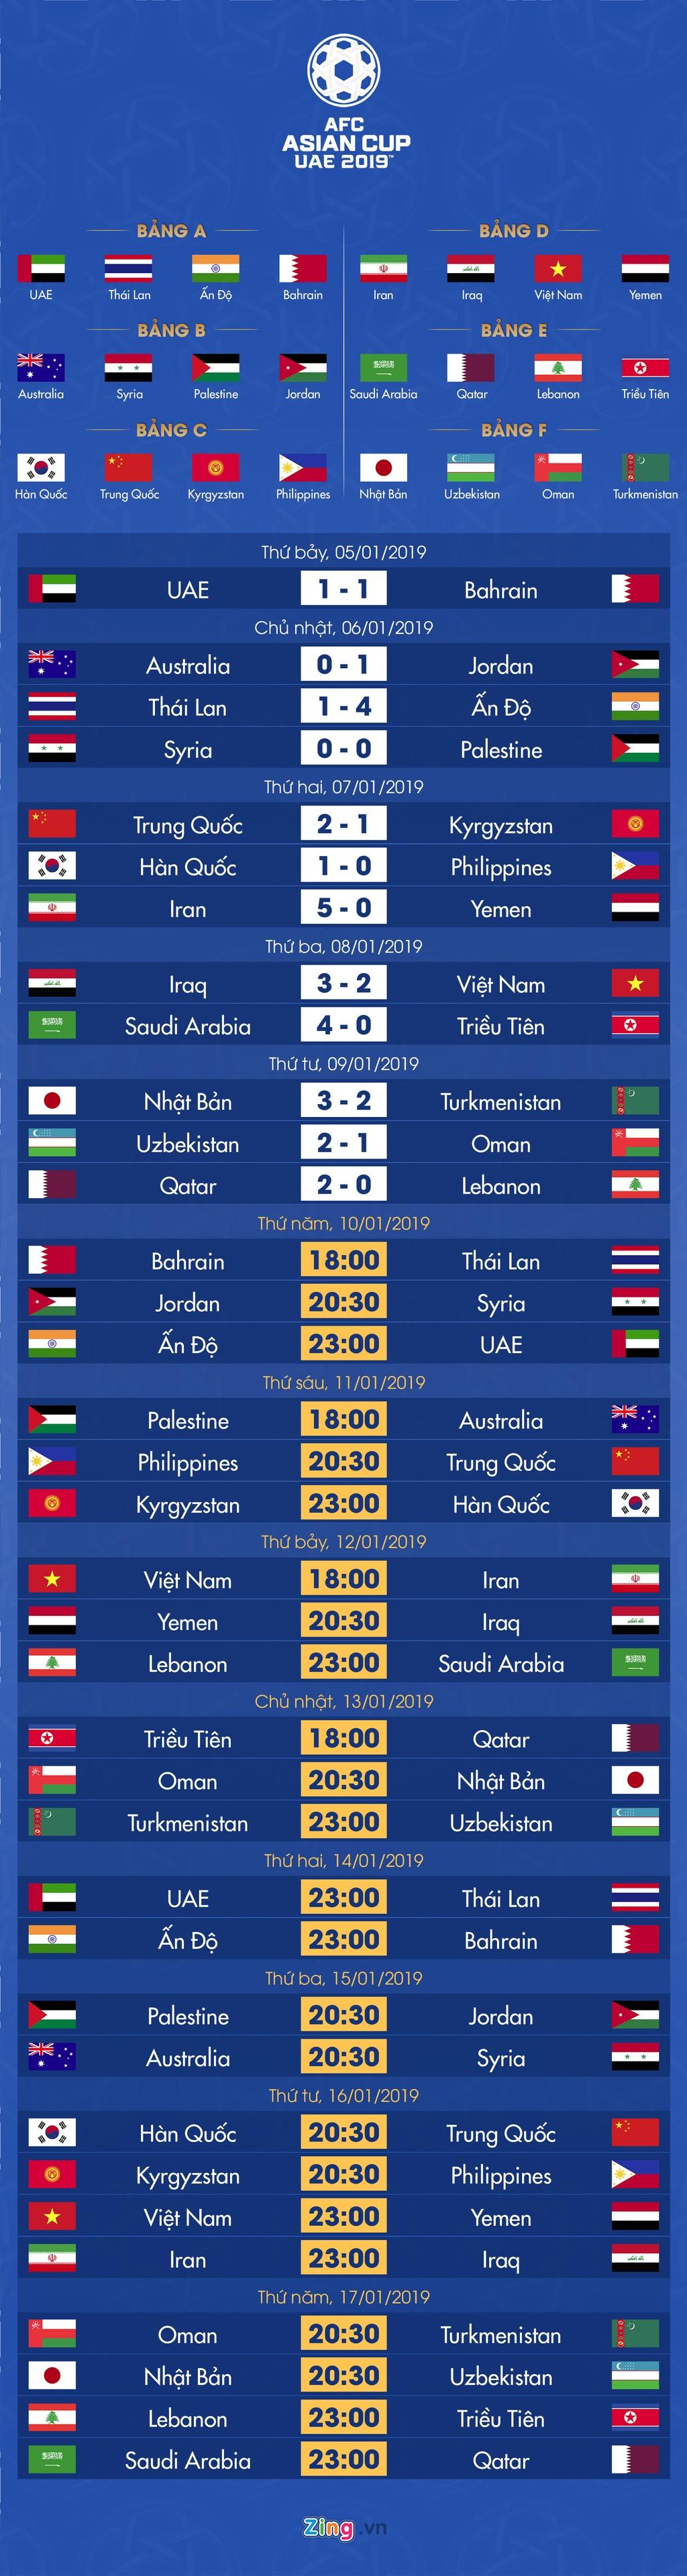 Lich thi dau va bang xep hang Asian Cup 2019 ngay 10/1 hinh anh 1